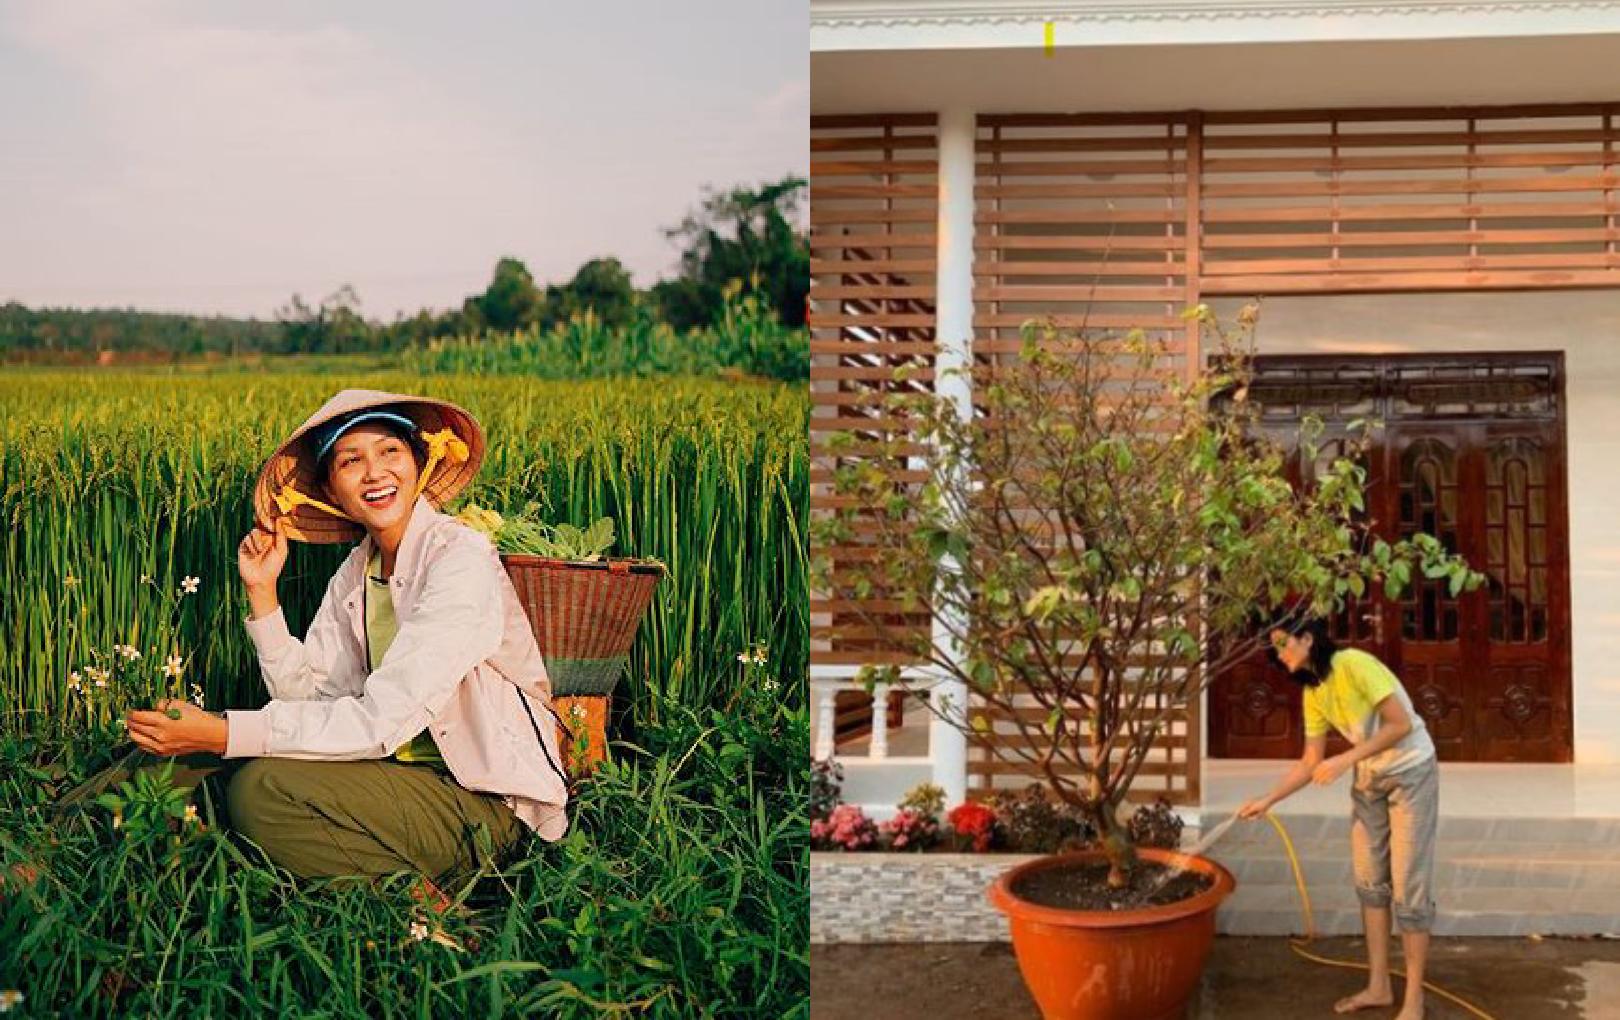 H'Hen Niê khoe ảnh nhà mới xây ở Đắk Lắk, dân tình còn bất ngờ hơn với một nhân vật nữa!